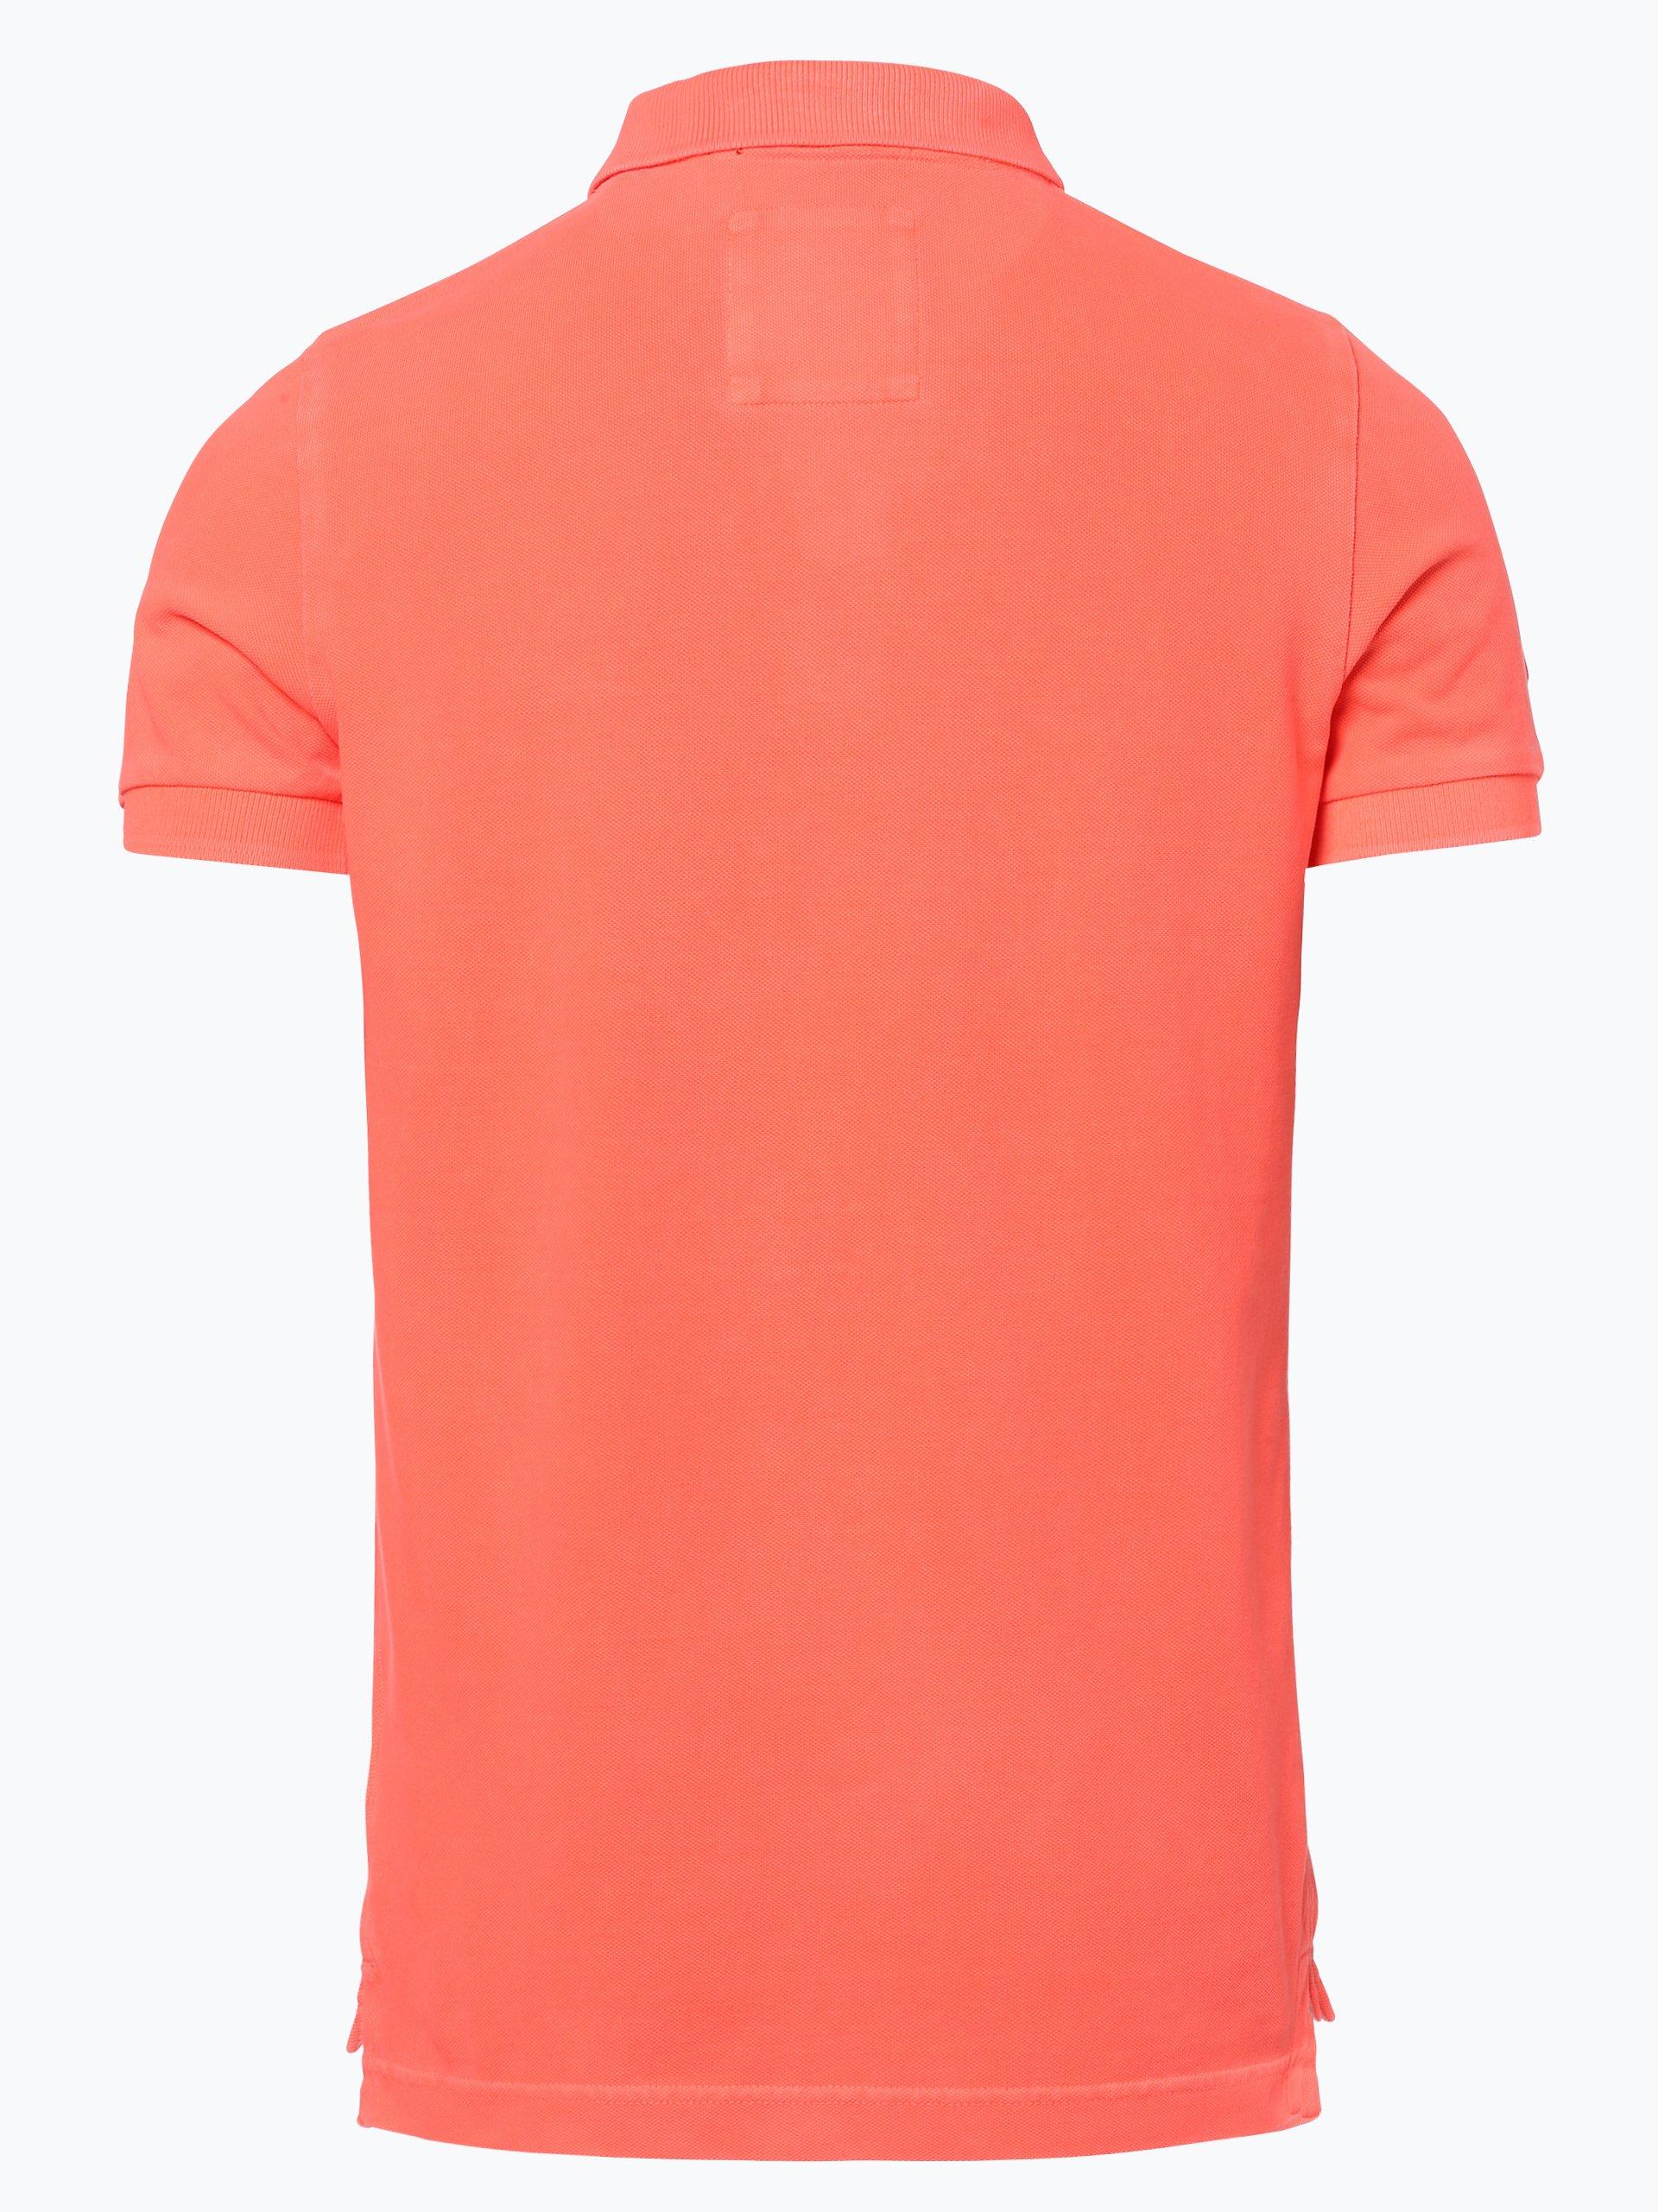 superdry herren poloshirt orange uni online kaufen peek und cloppenburg de. Black Bedroom Furniture Sets. Home Design Ideas